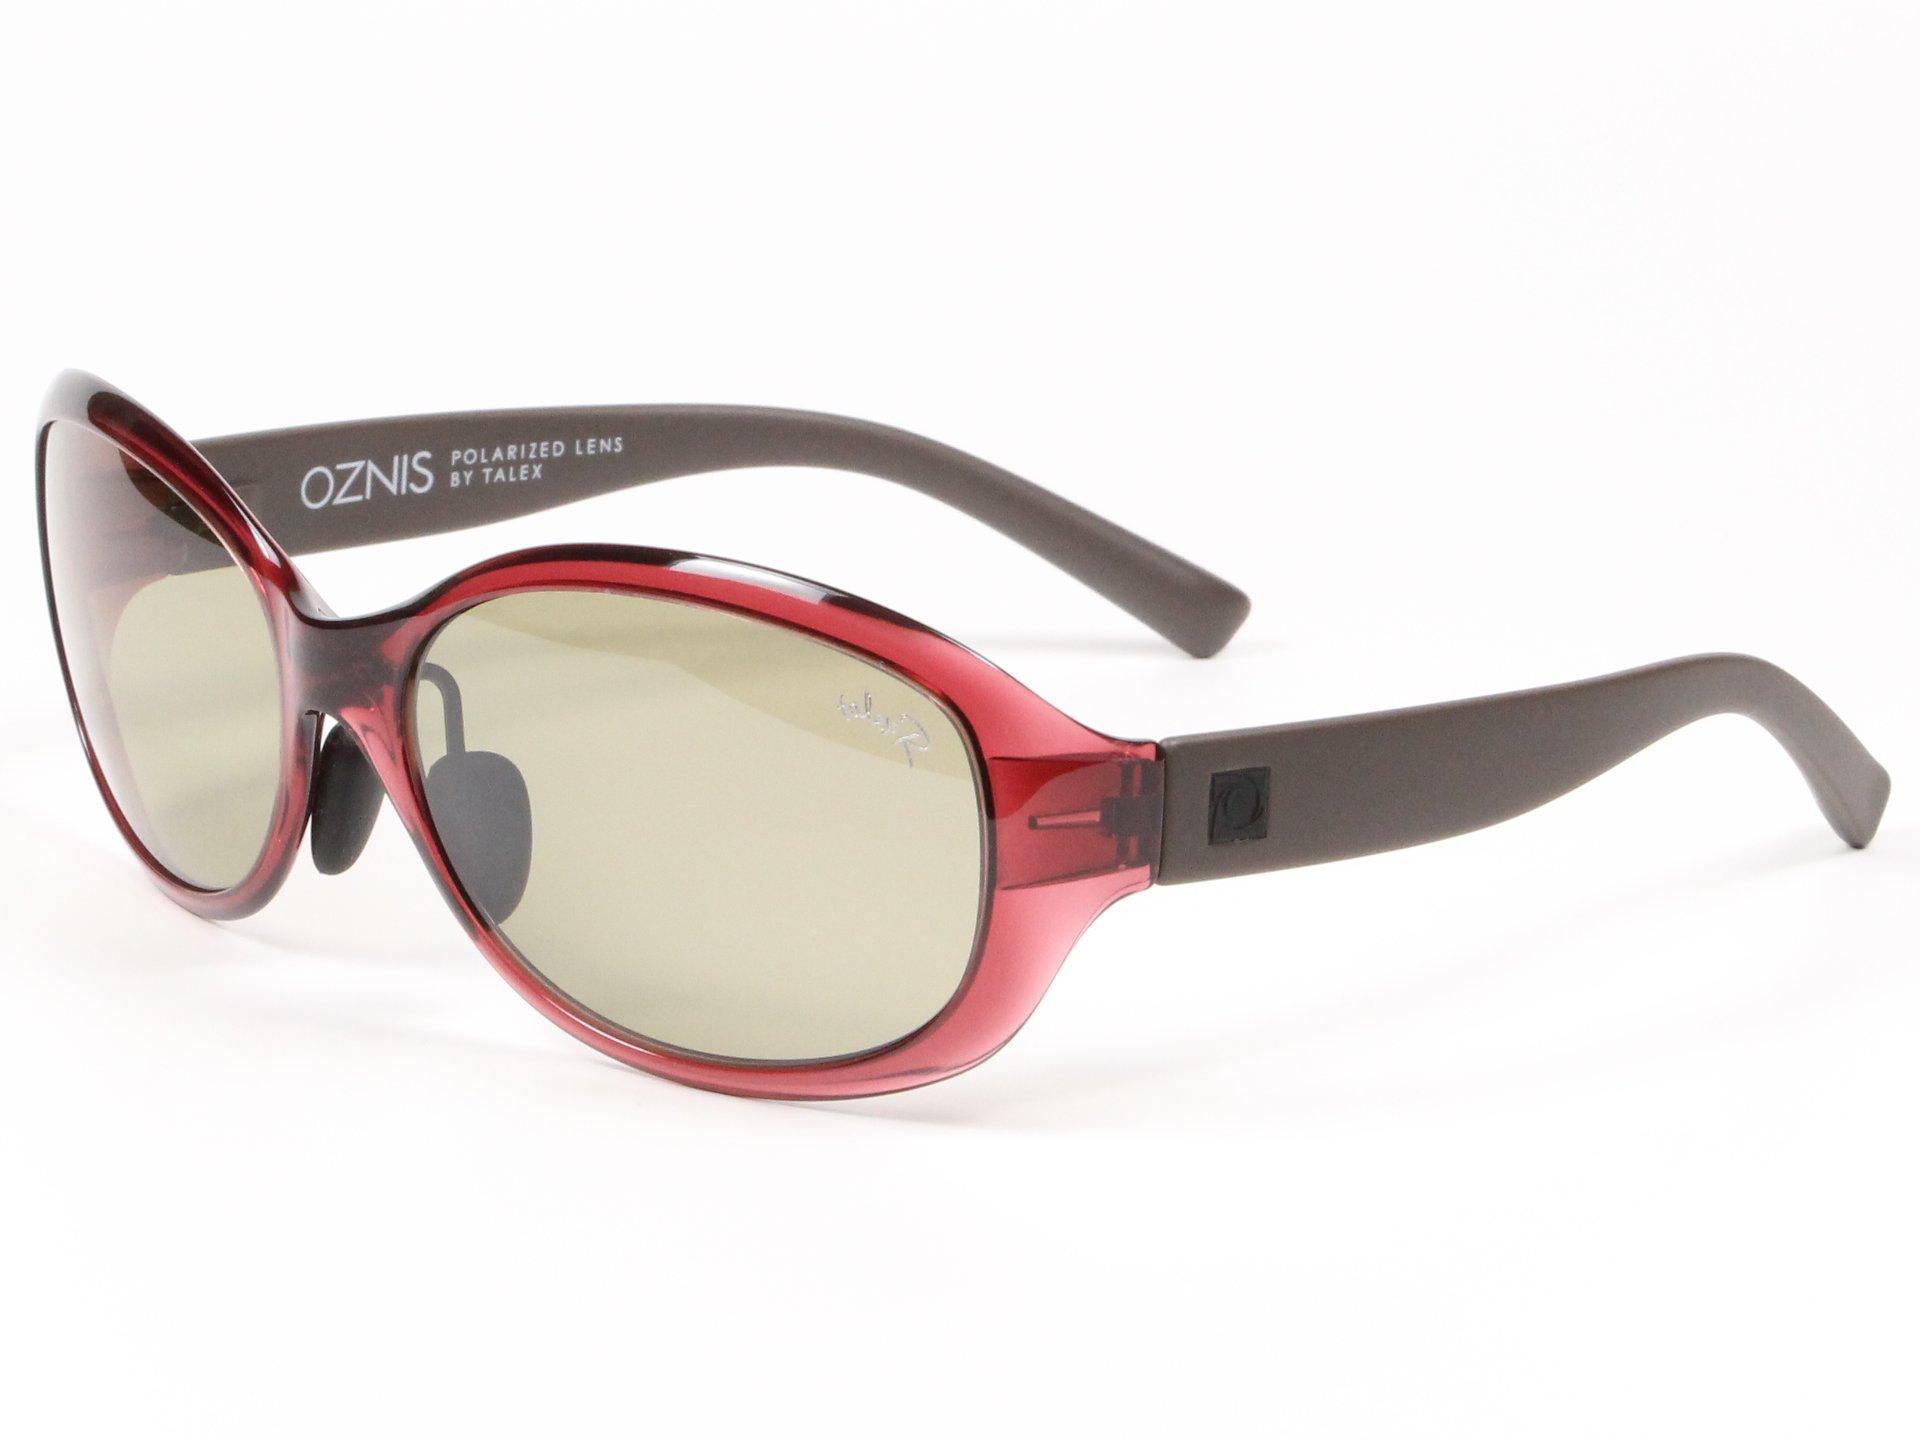 TALEX(タレックス)度なしサングラス製作例 OZNIS FLAT02(オズニス・フラット02)